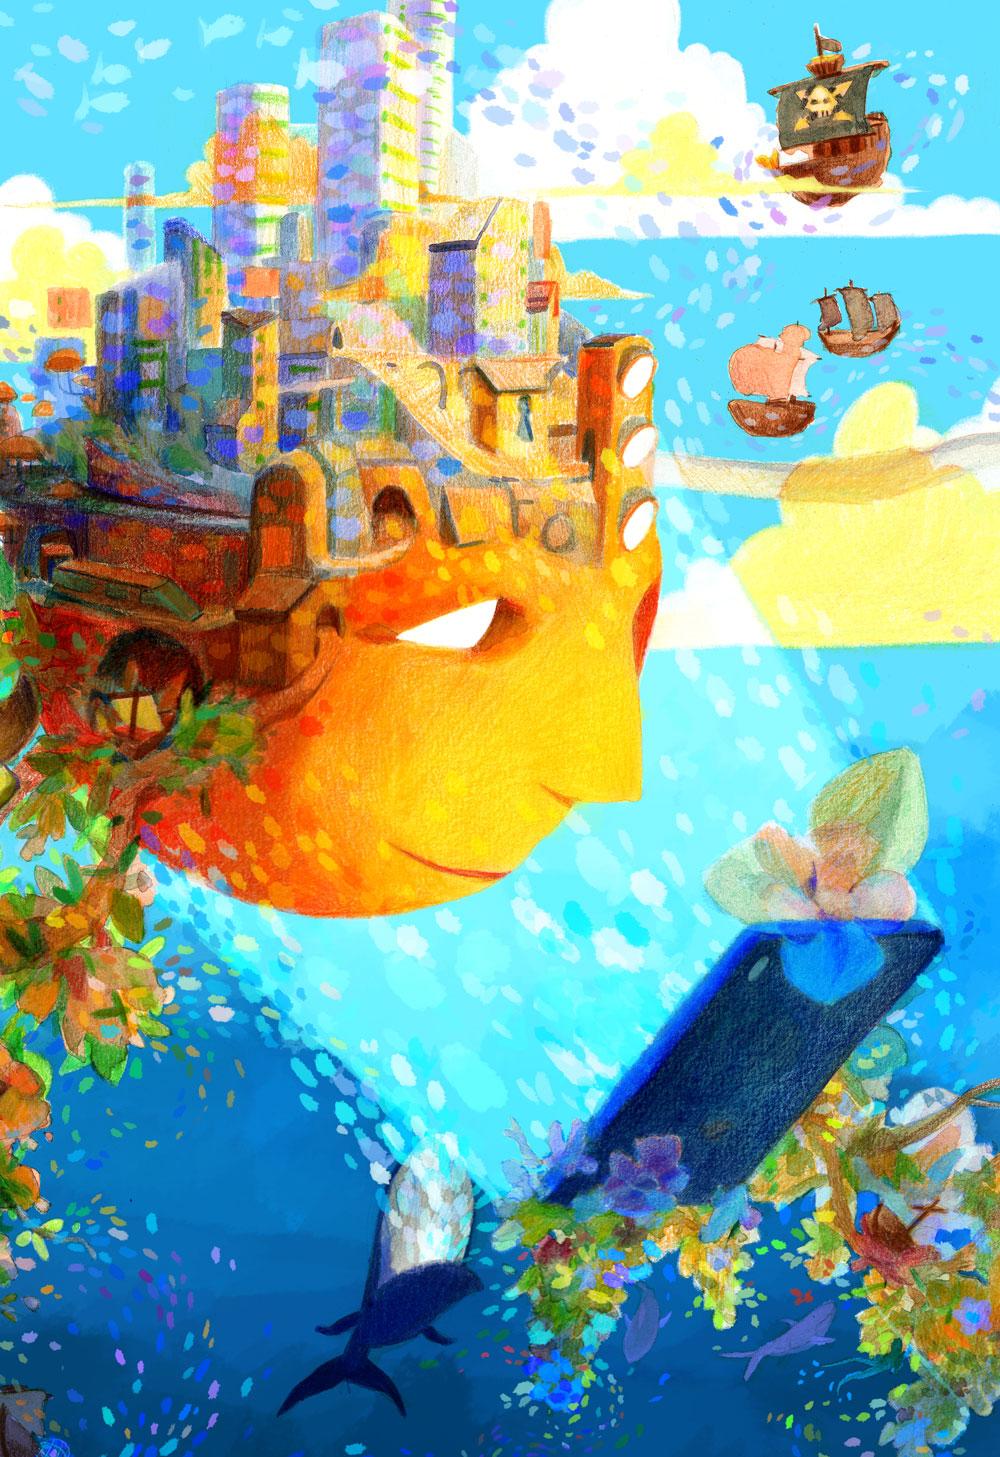 Illustration de Charlotte Rousselle représentant un visage regardant un téléphone dans une ambiance maritime